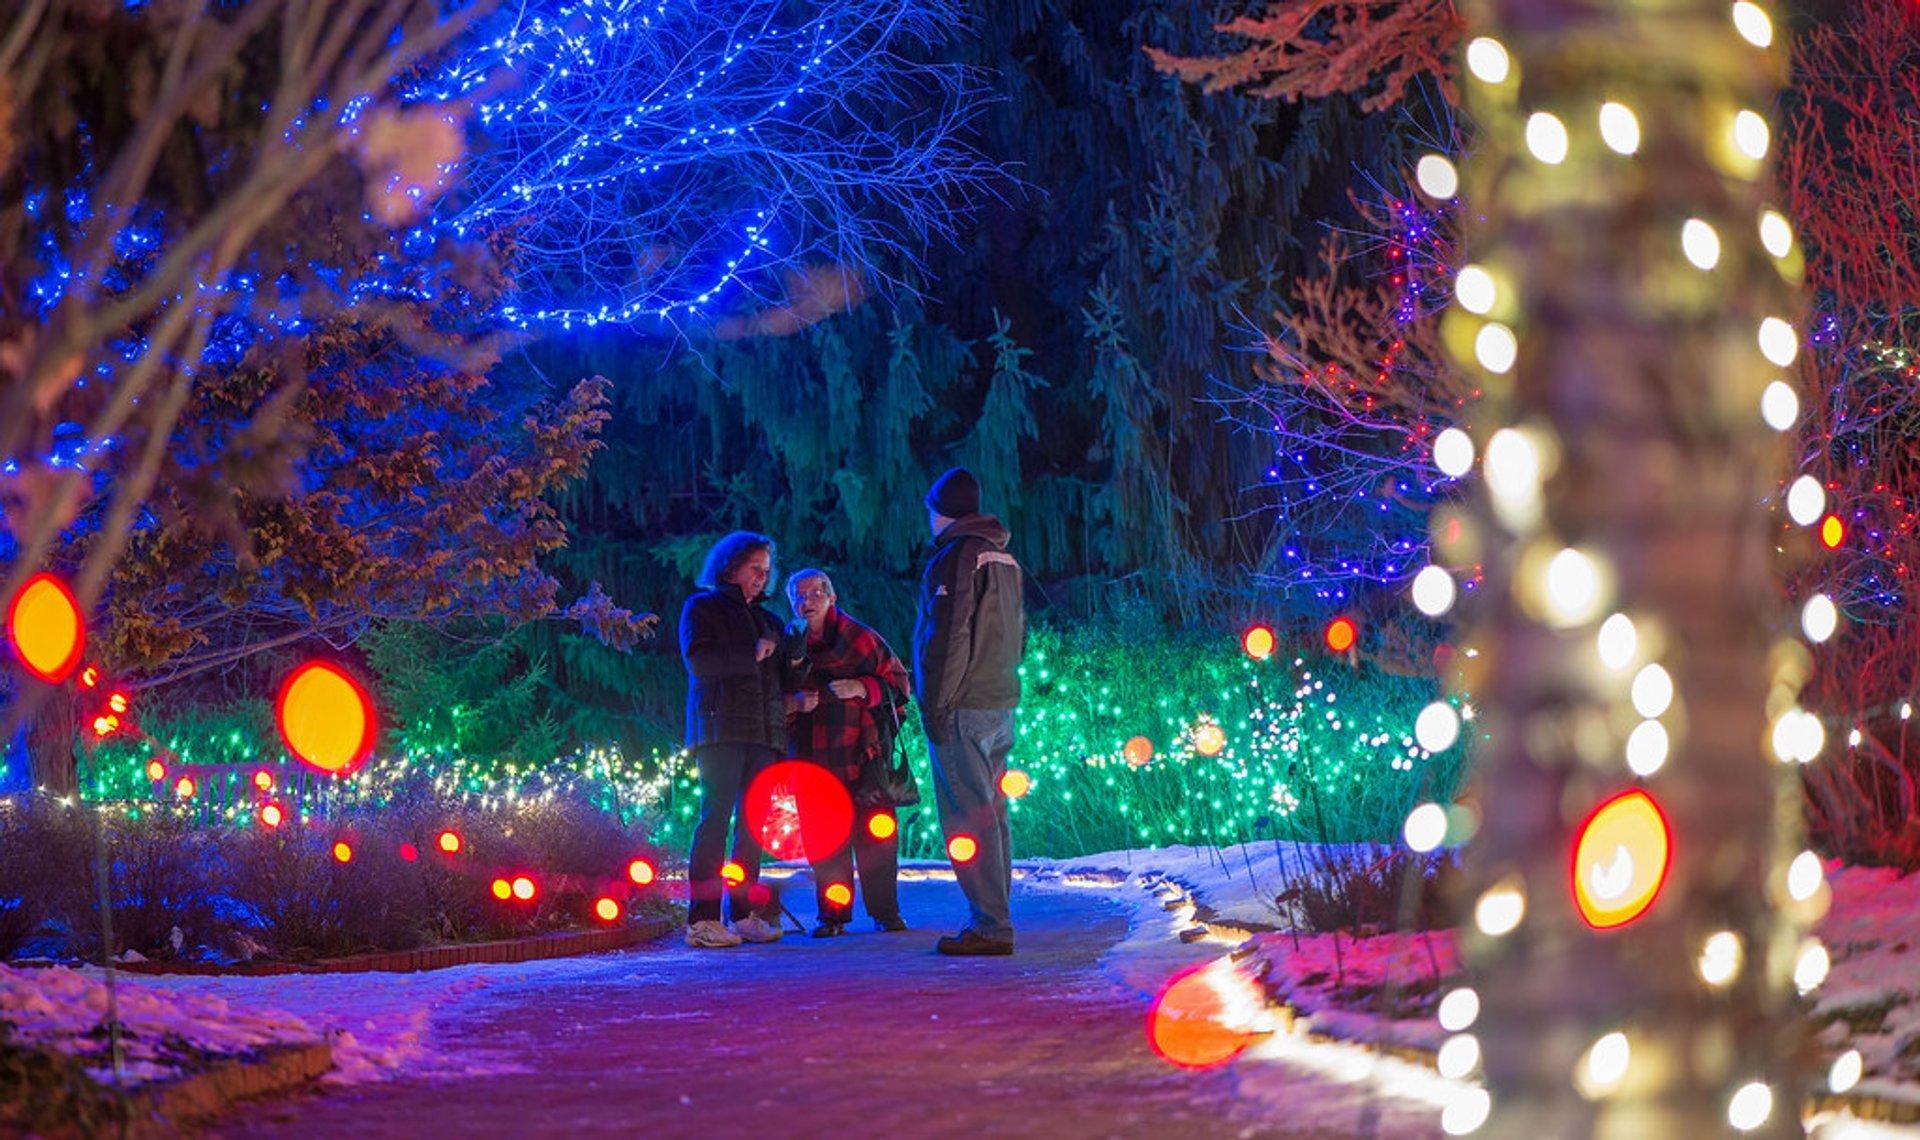 Christmas Lights in Massachusetts 2020 - Best Time